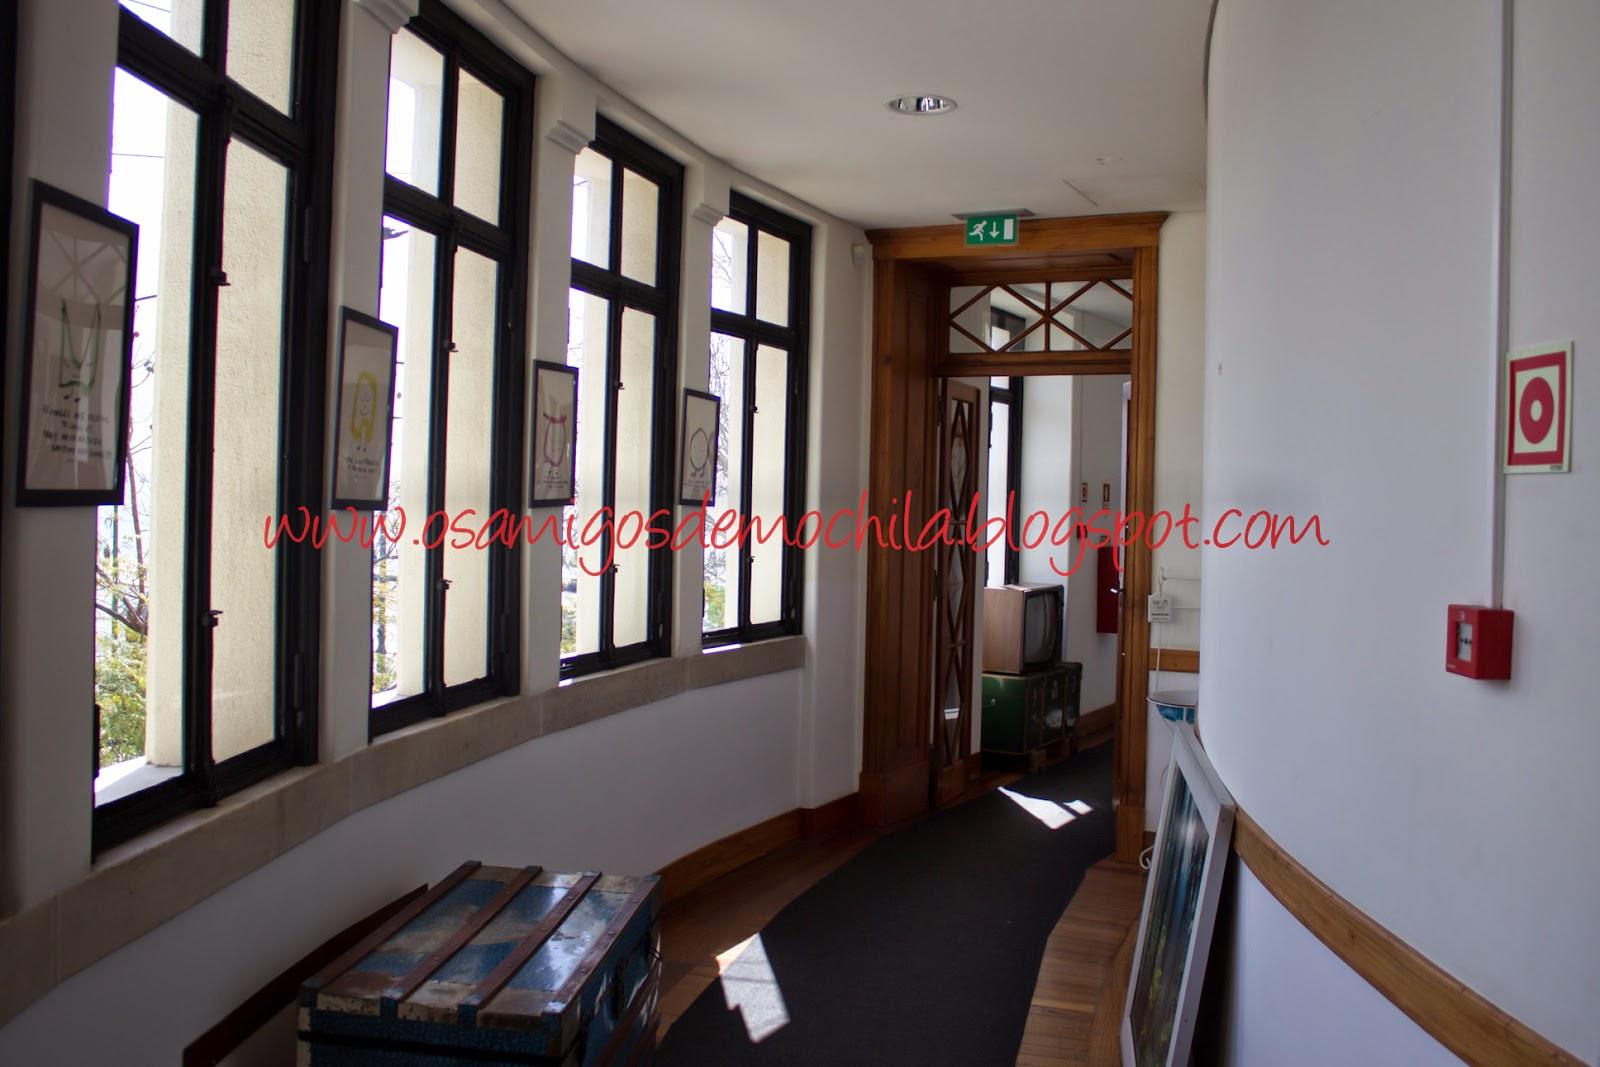 Se Deliciando Em Portugal Hostel Em Lisboa Fotos E Pre Os